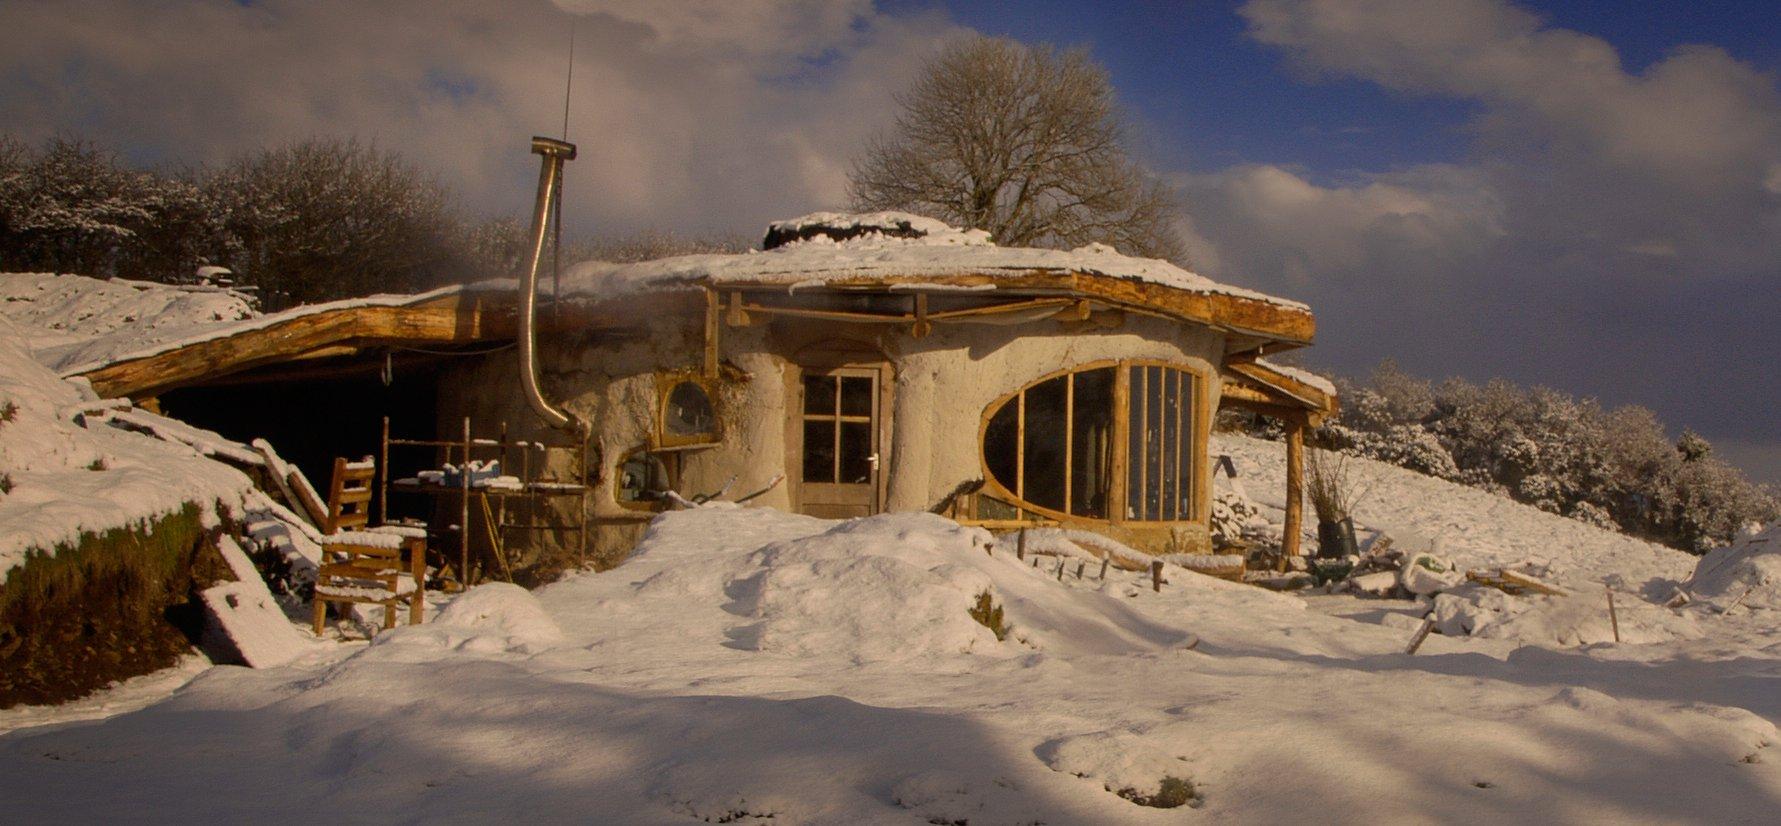 Simon Dale Undercroft – hobbit home